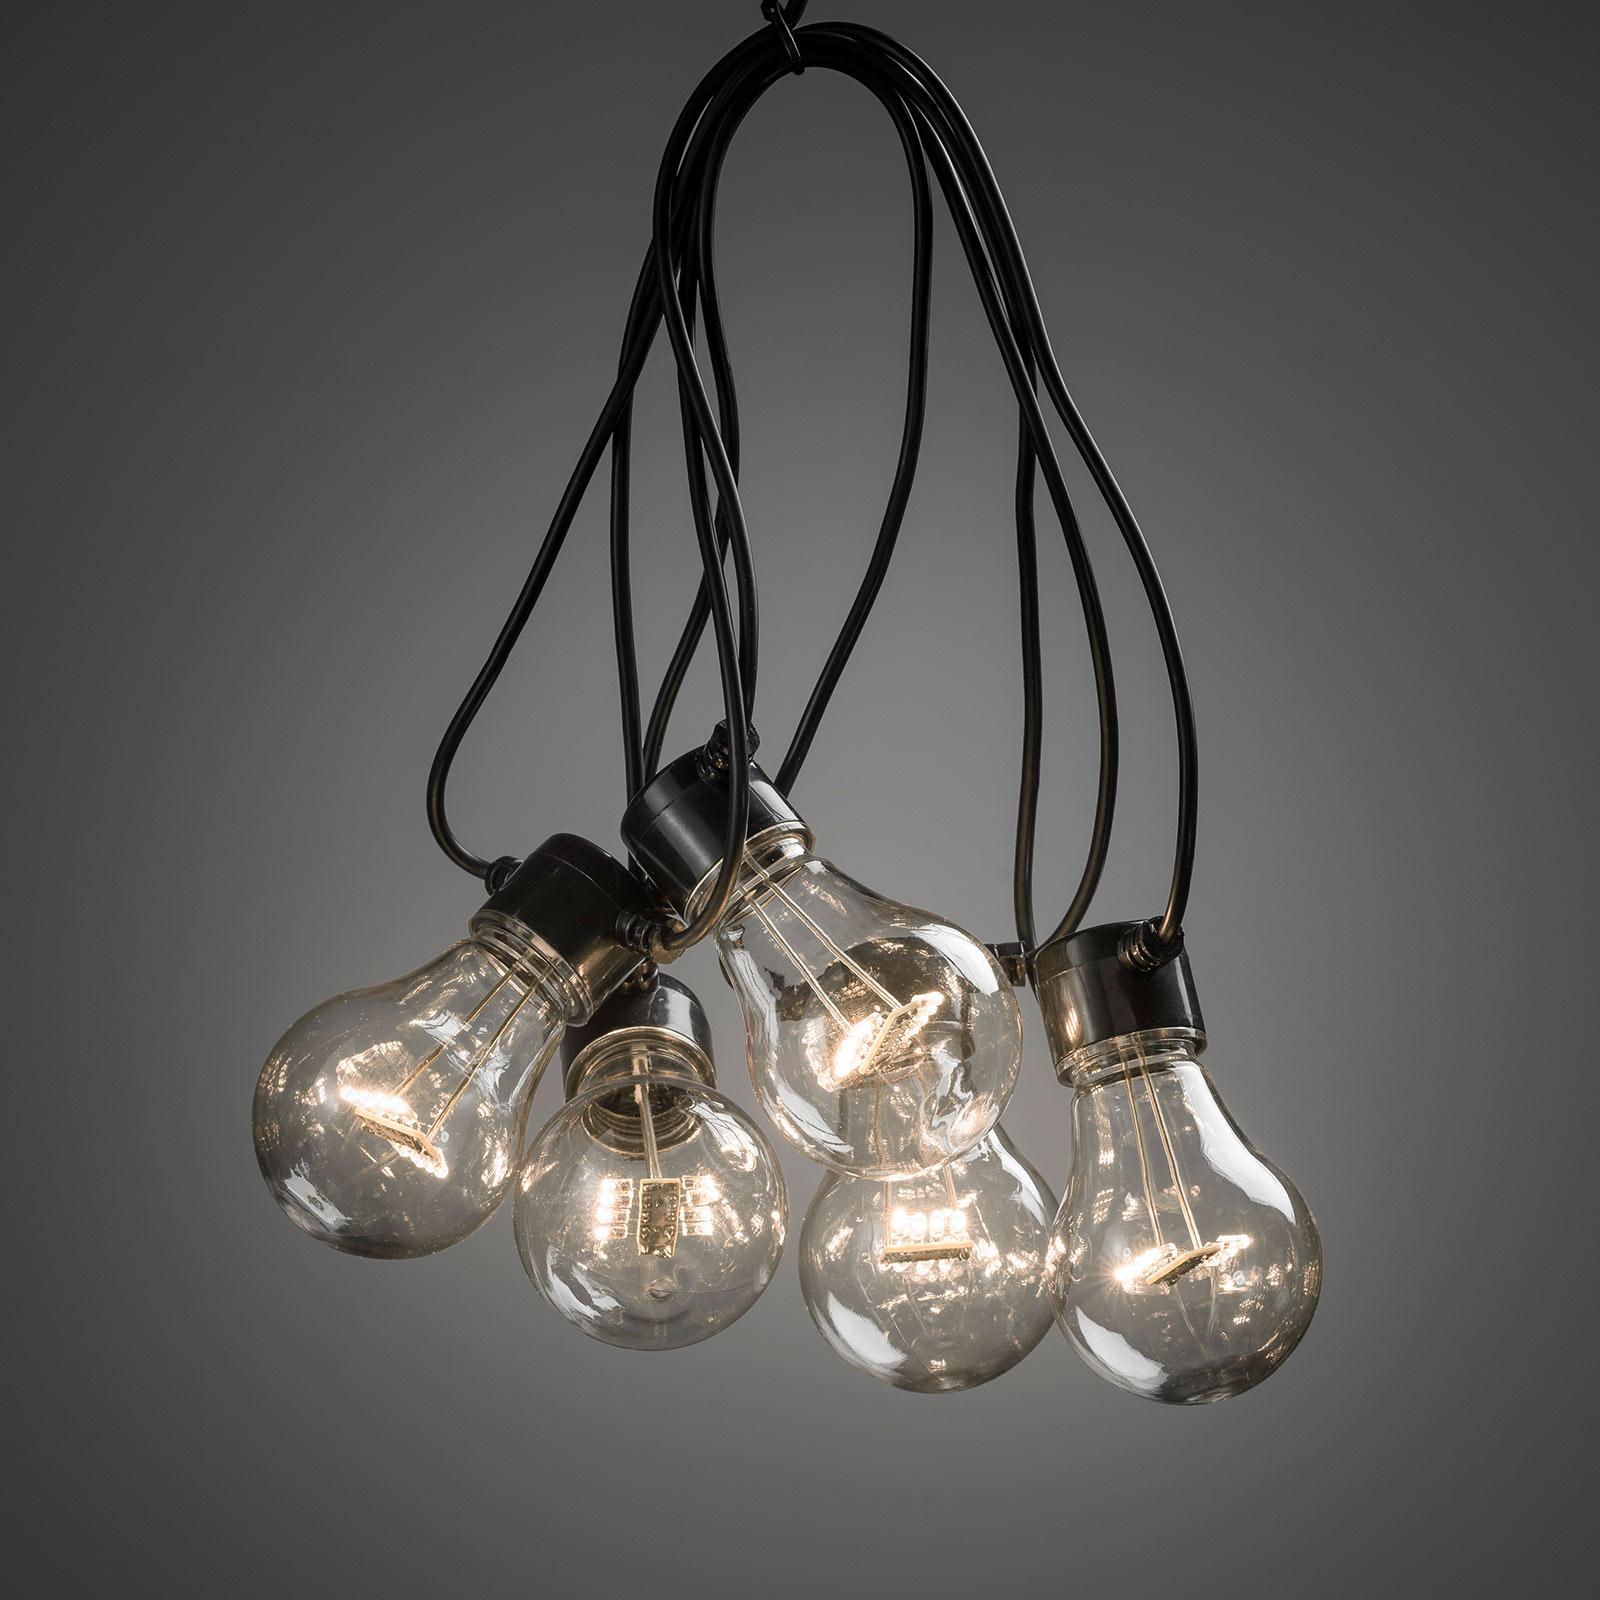 LED-lyslenke Ølhage utvidelse, varmhvit